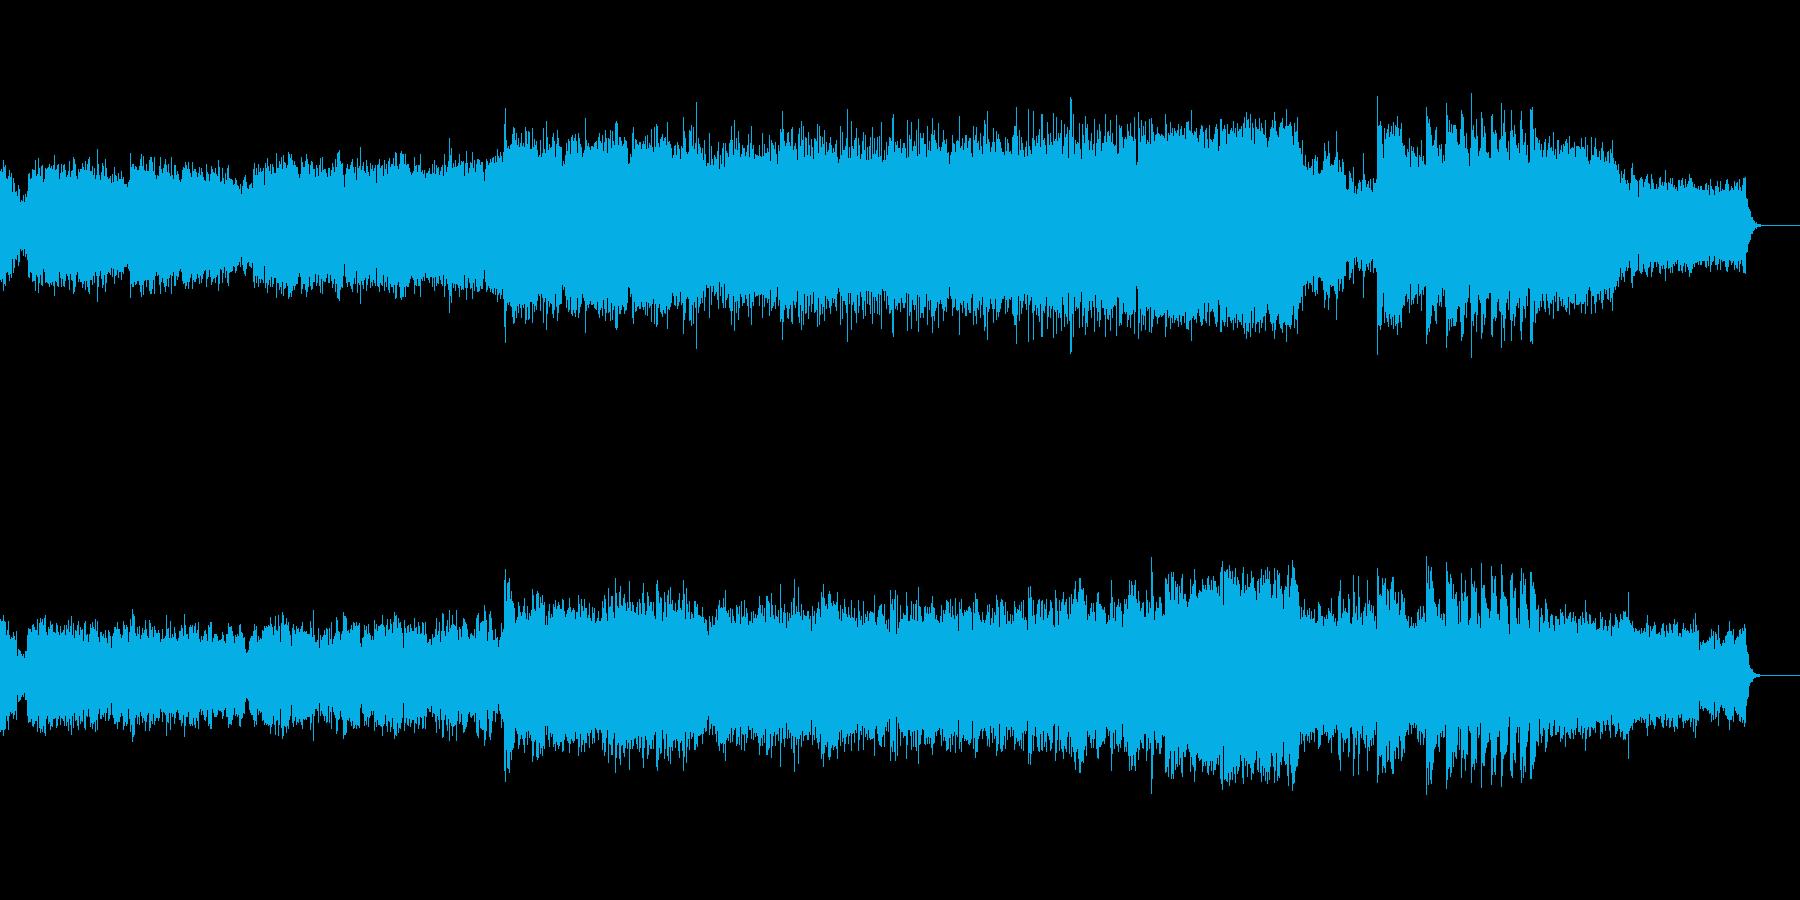 「白鳥の湖」組曲 より第一楽章「情景」の再生済みの波形